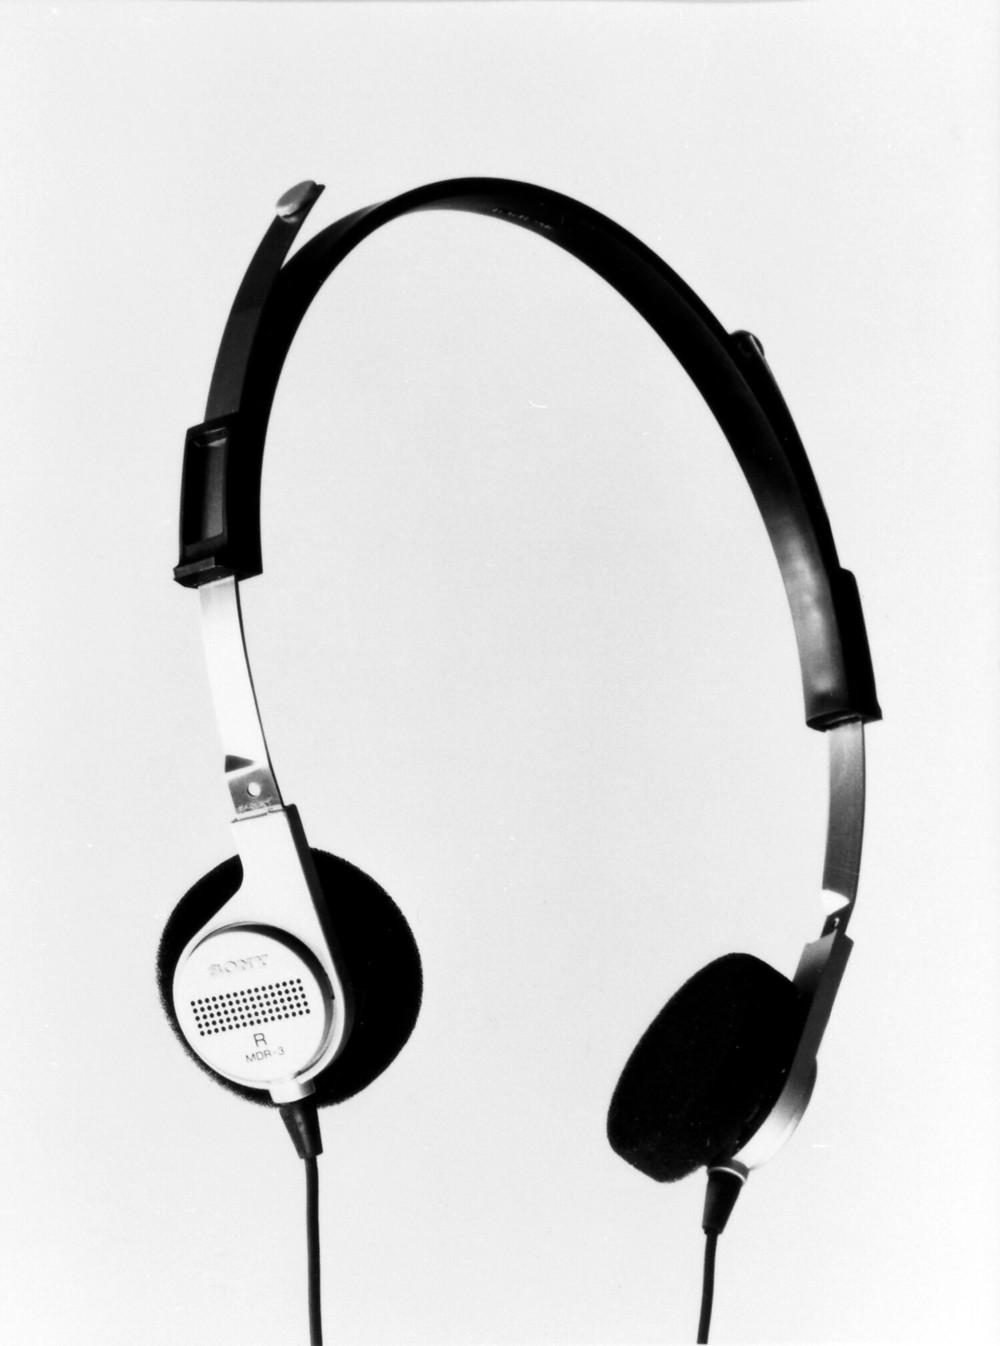 「ウォークマン」付属のヘッドホンは、自然なかけ心地で装着していることを忘れそうな「H・AIR」(ヘアー)シリーズとして、単体でも発売された。写真は自宅のオーディオで使いやすい標準プラグで、MDR-3L2よりも1メートルコードが長い、3メートルのコード仕様として発売されたMDR-3。写真提供:ソニー